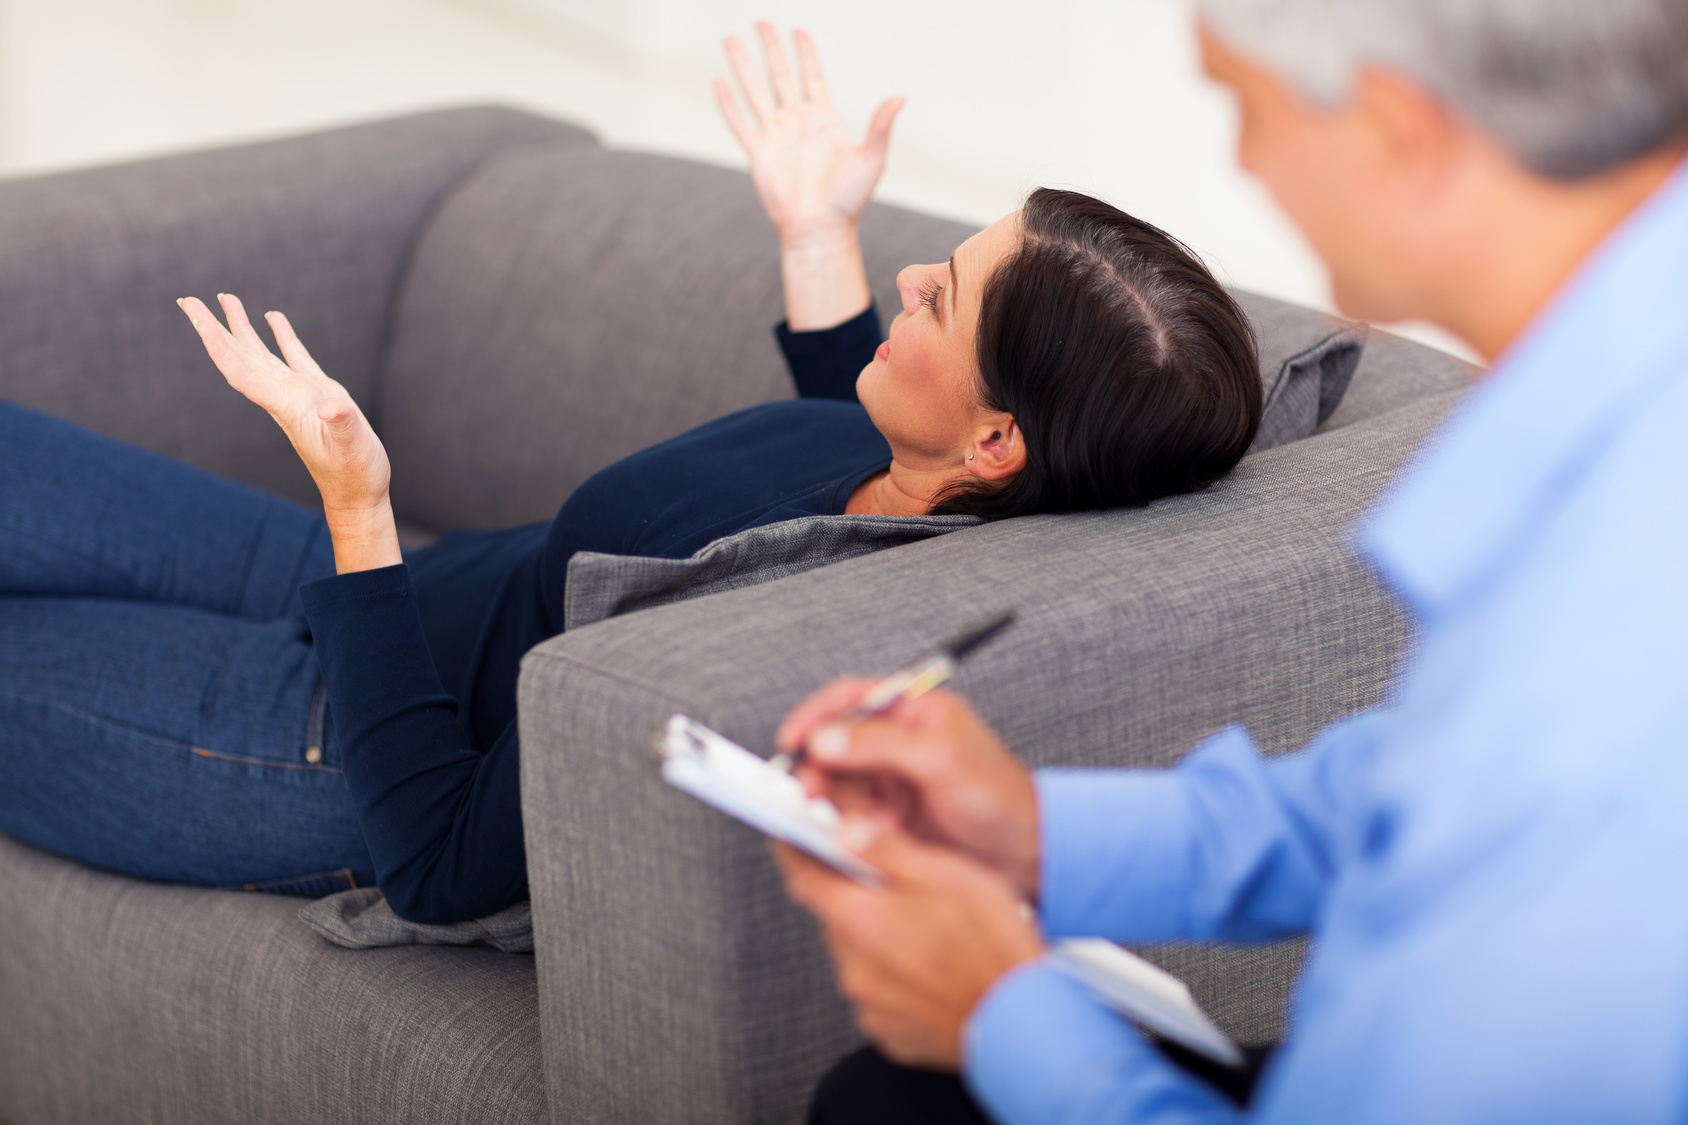 Лечение страхов и фобий методами психотерапии и медикаментозно.